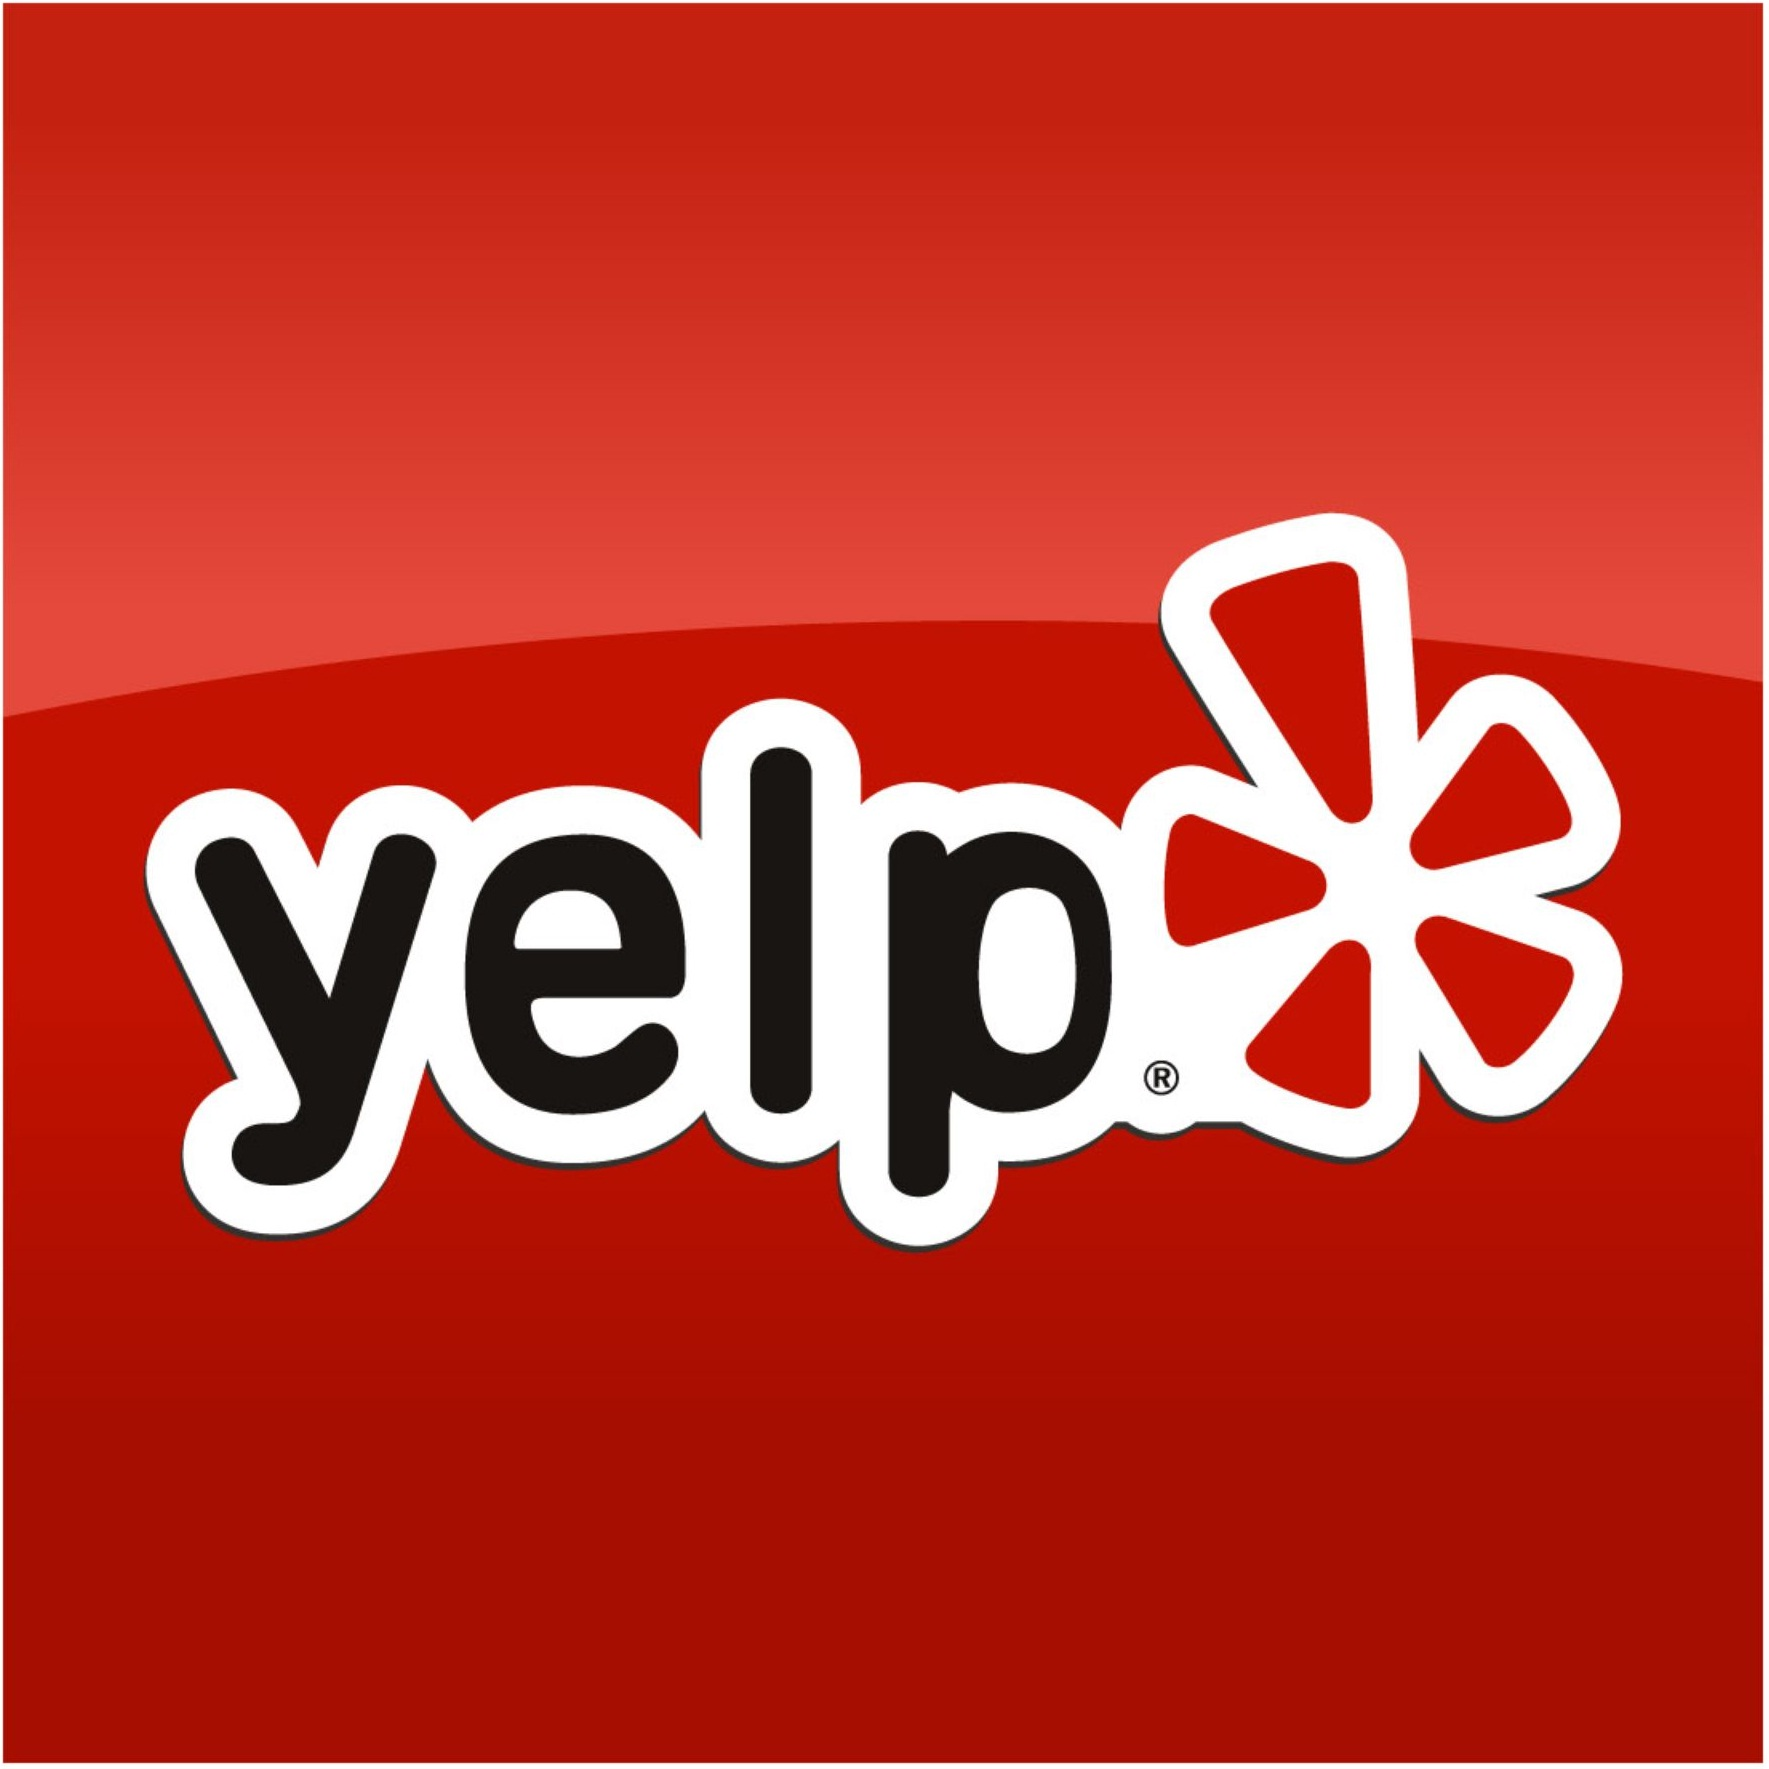 Yelp Clone Script